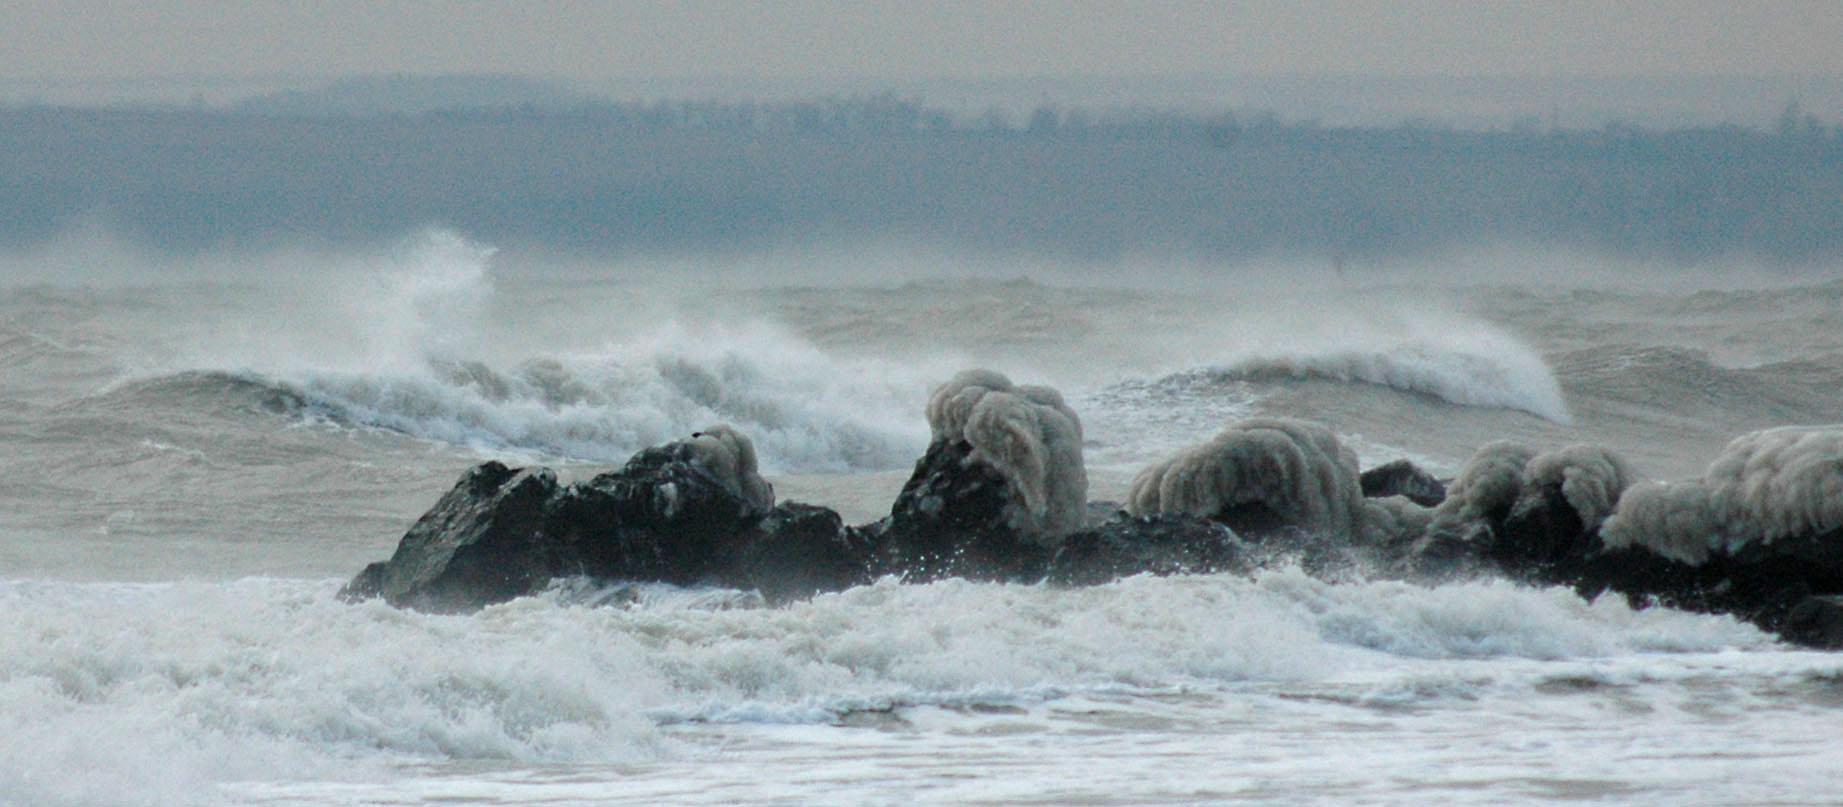 Специални апарати вече мерят вълнението на морето и температурата на водата